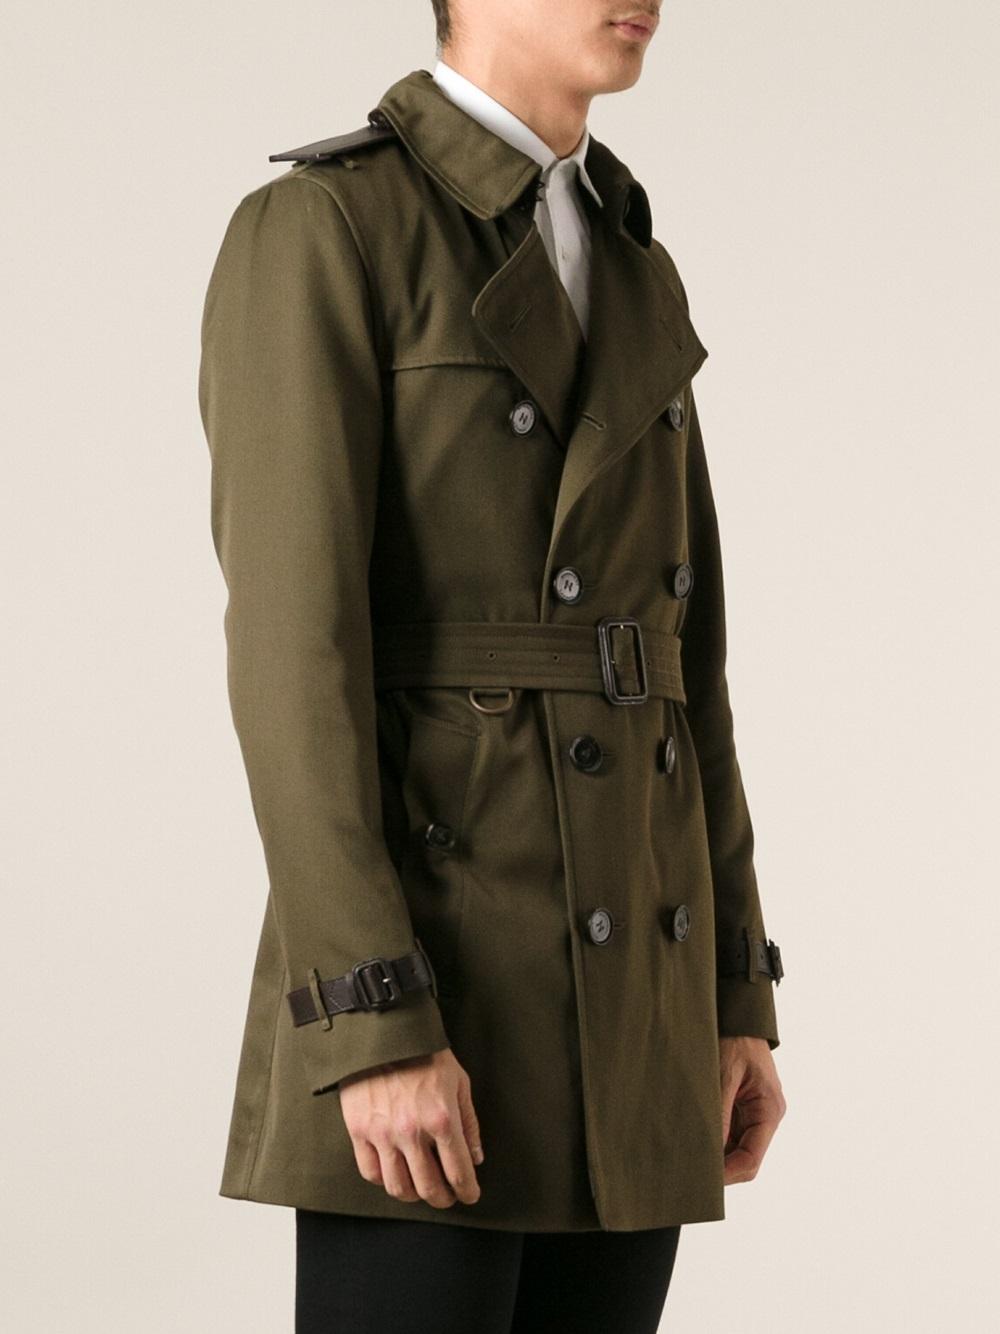 Free shipping and returns on Men's Raincoat Coats & Jackets at senonsdownload-gv.cf